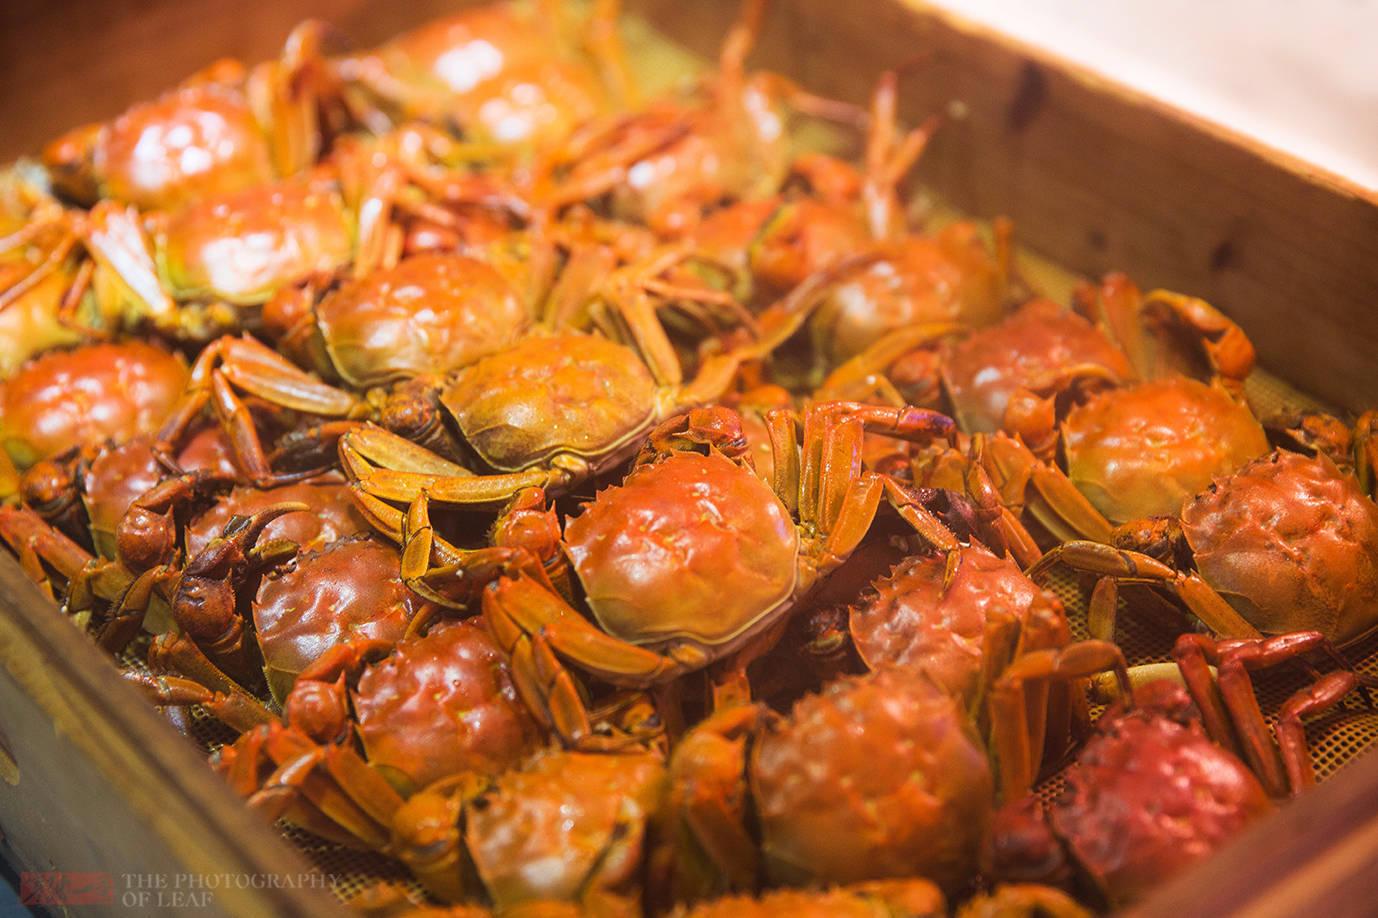 大闸蟹、梭子蟹随便吃什么感觉?杭州一五星酒店可实现,只需198